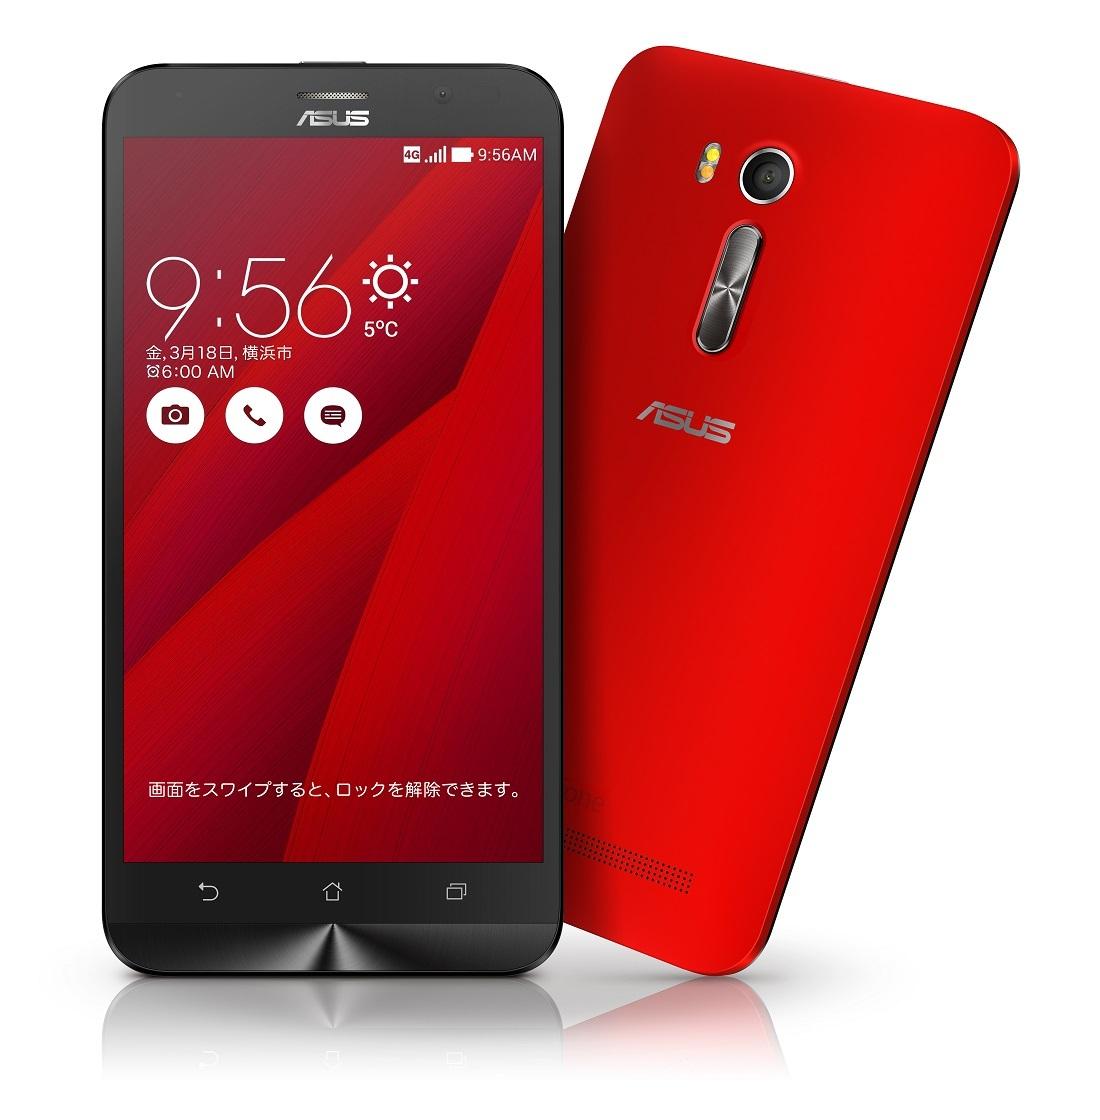 「新品 未使用品」SIMフリー ASUS ZenFone Go ZB551KL RAM2GB 16GBメモリー レッド RED [ASUS][simfree][格安]